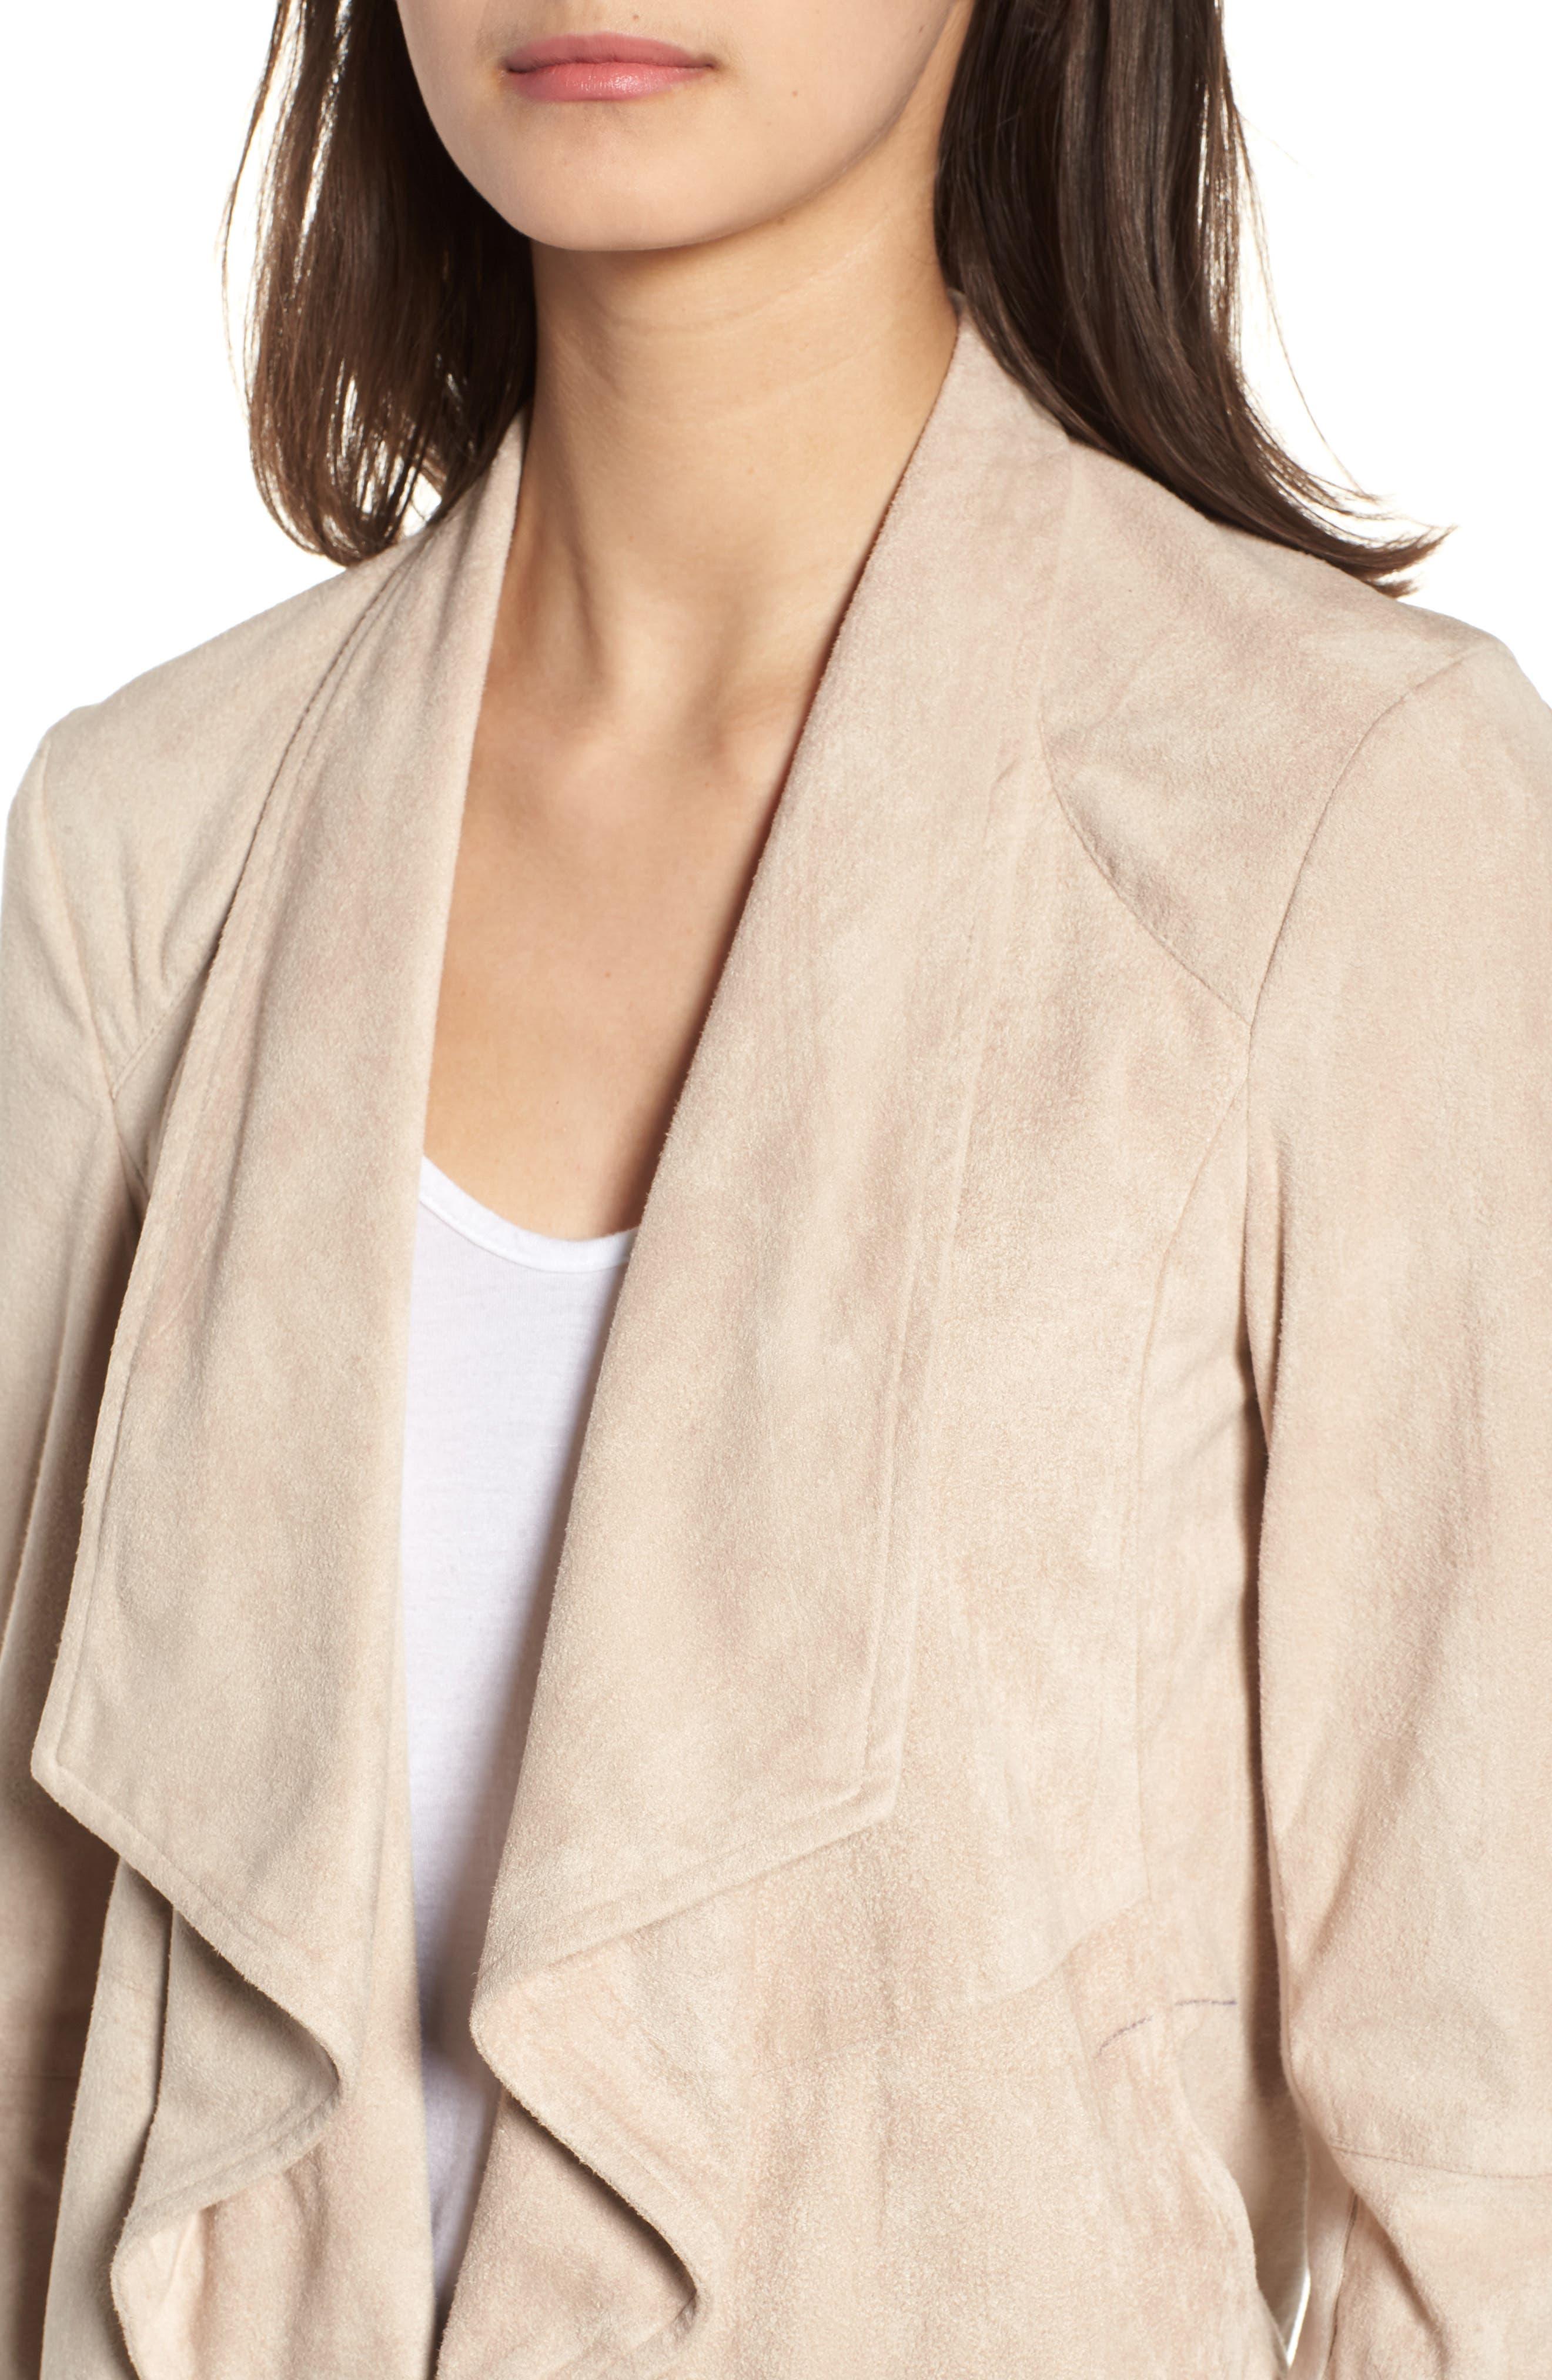 Nicholson Faux Suede Drape Front Jacket,                             Alternate thumbnail 4, color,                             BONE